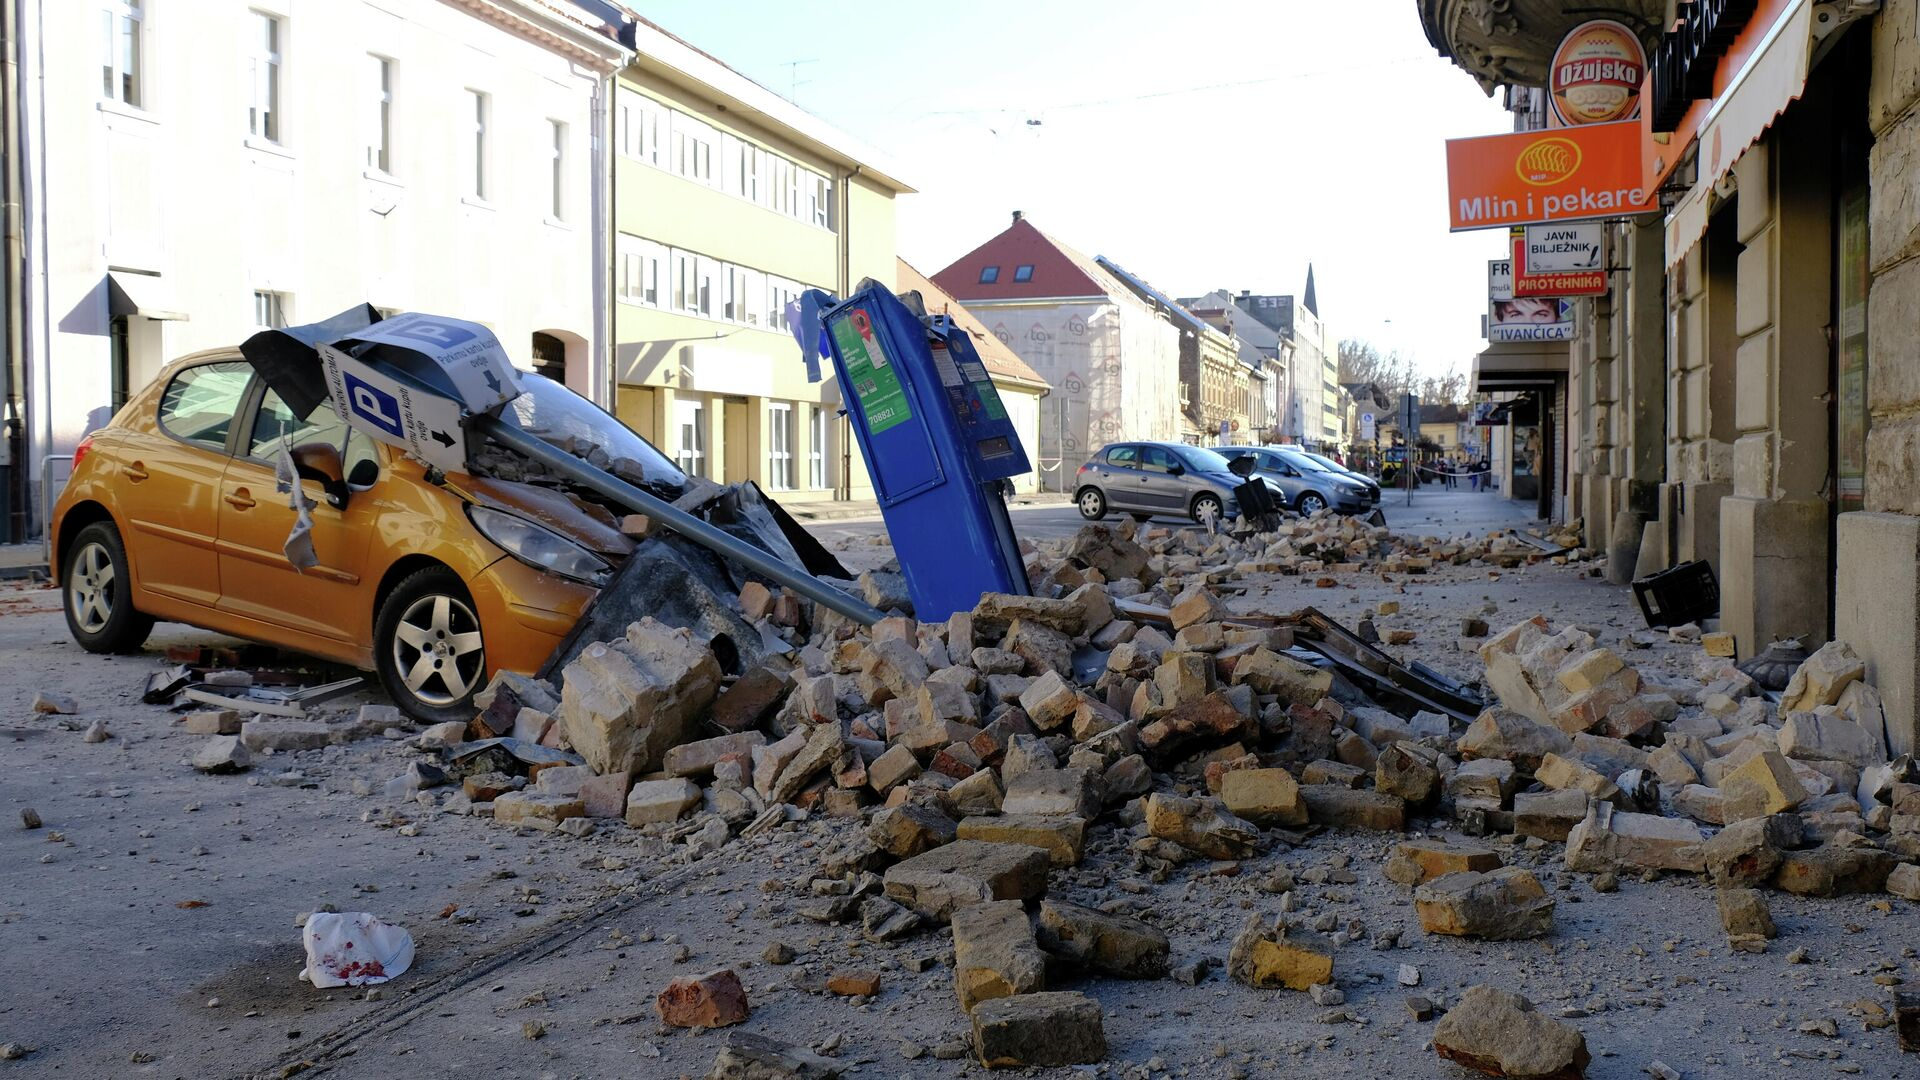 Последствия землетрясения в Хорватии - РИА Новости, 1920, 29.12.2020